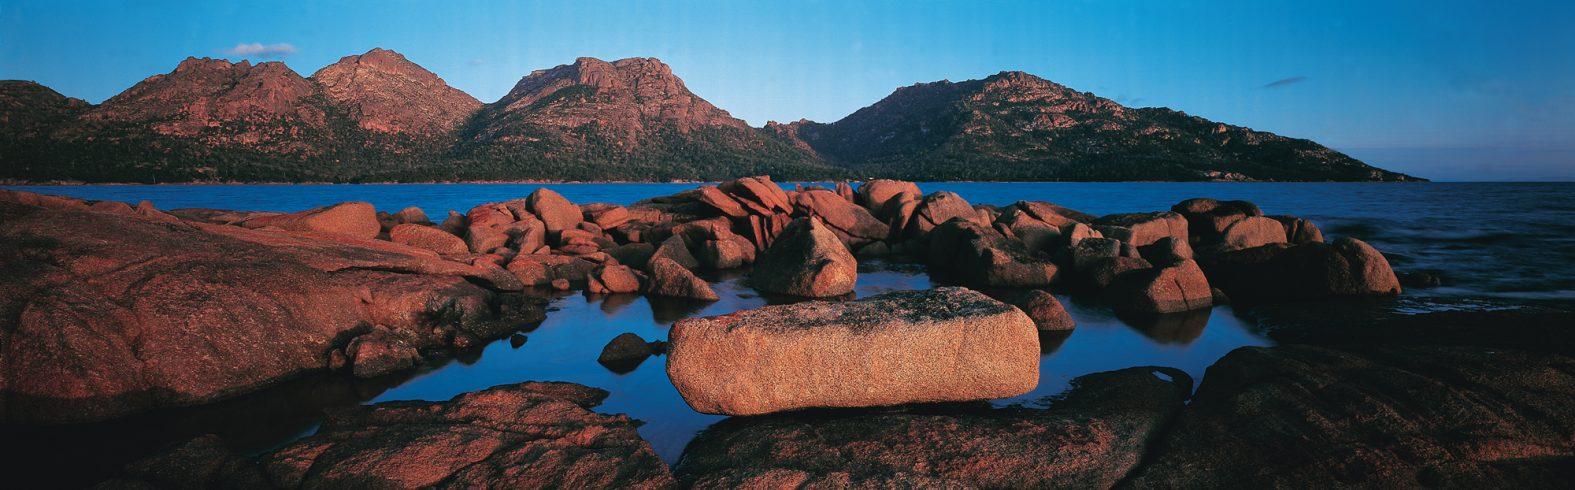 coles bay tour tasmania